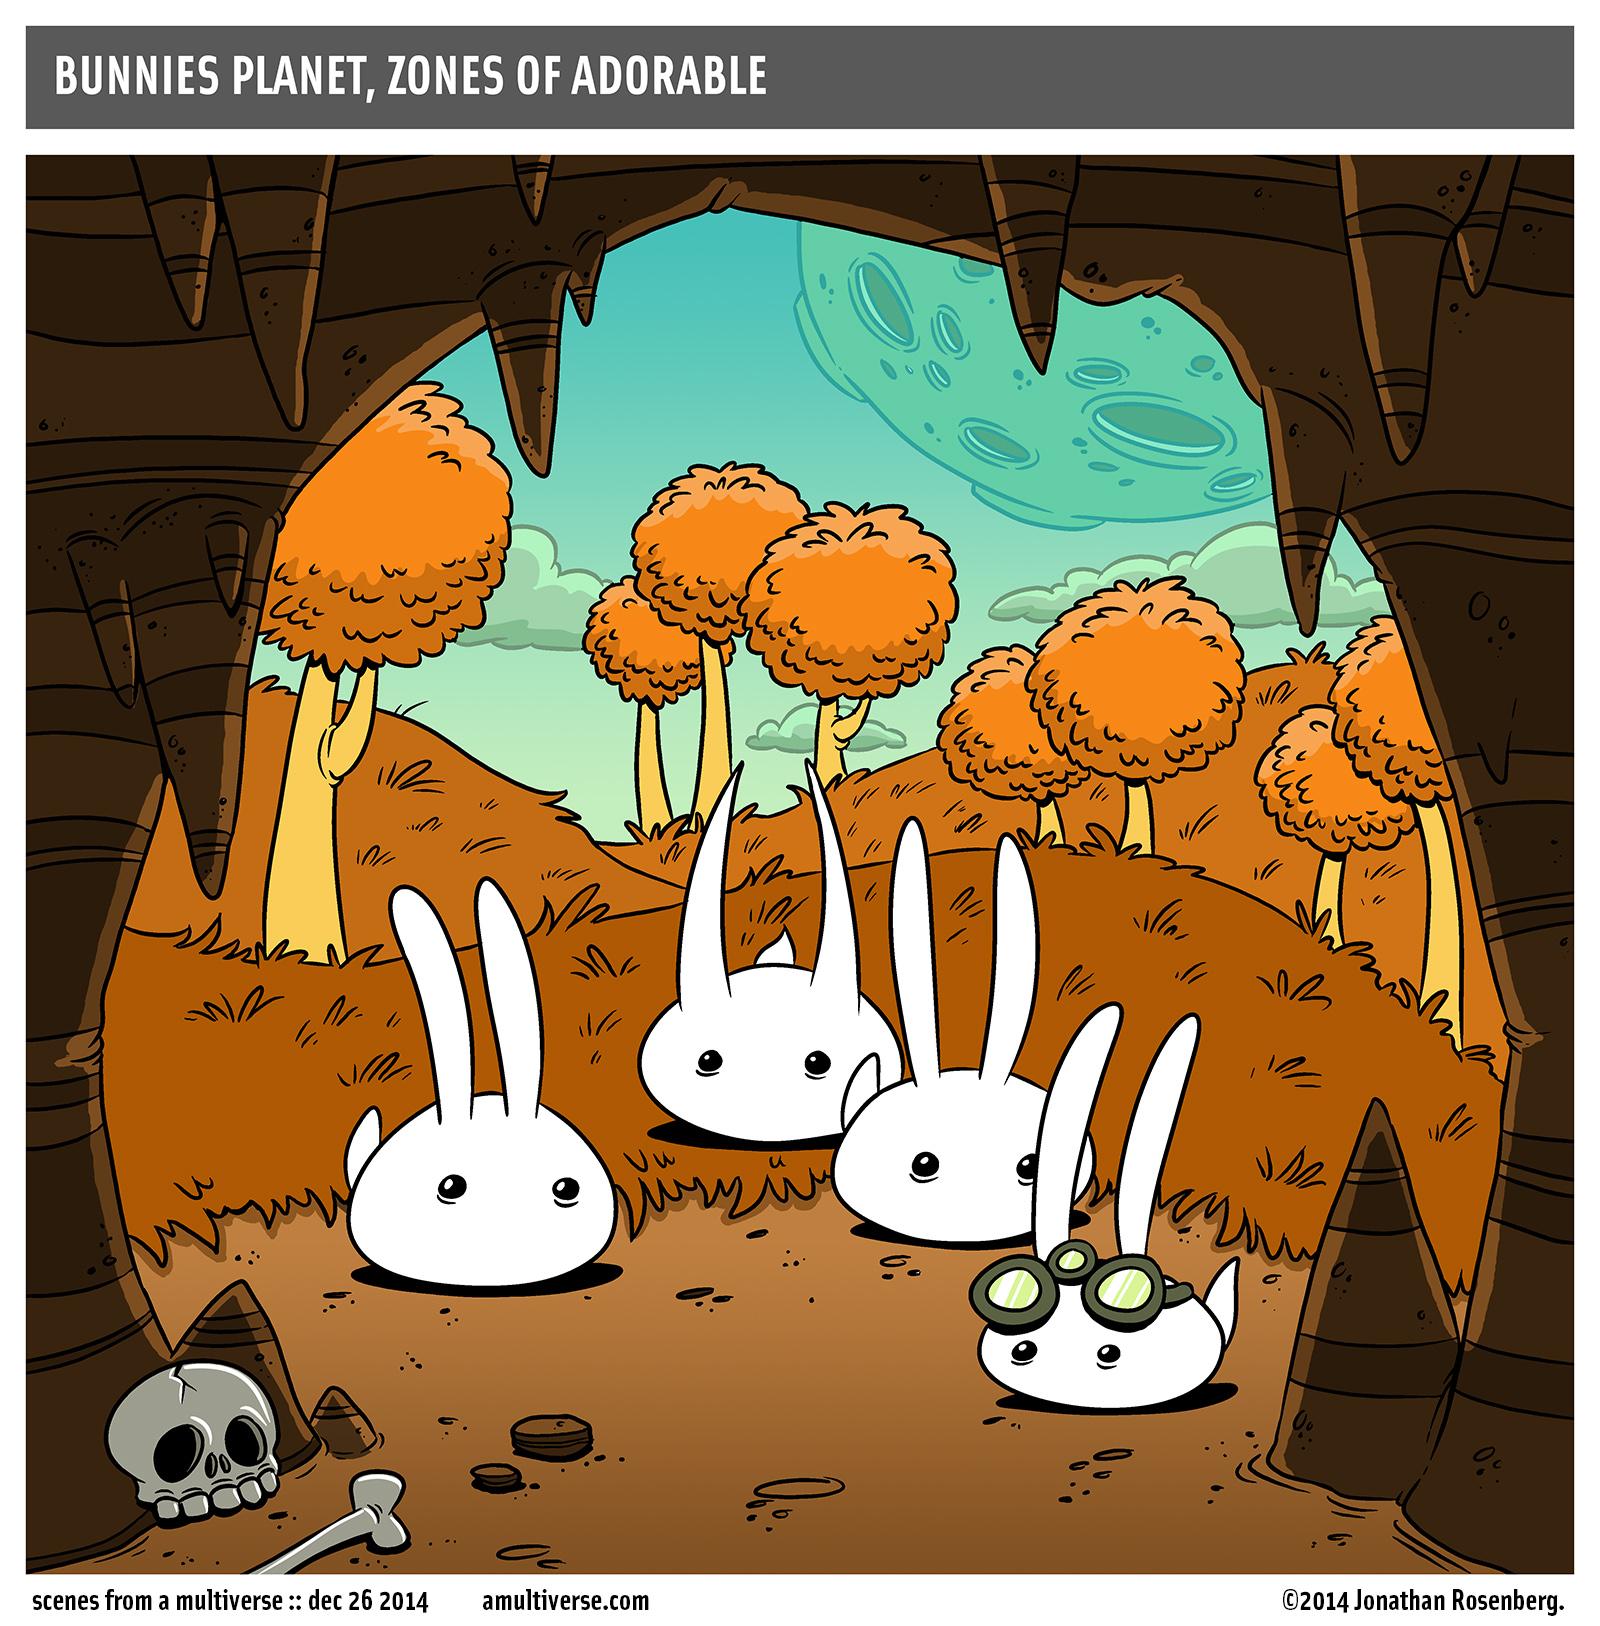 bunnies love to spelunk